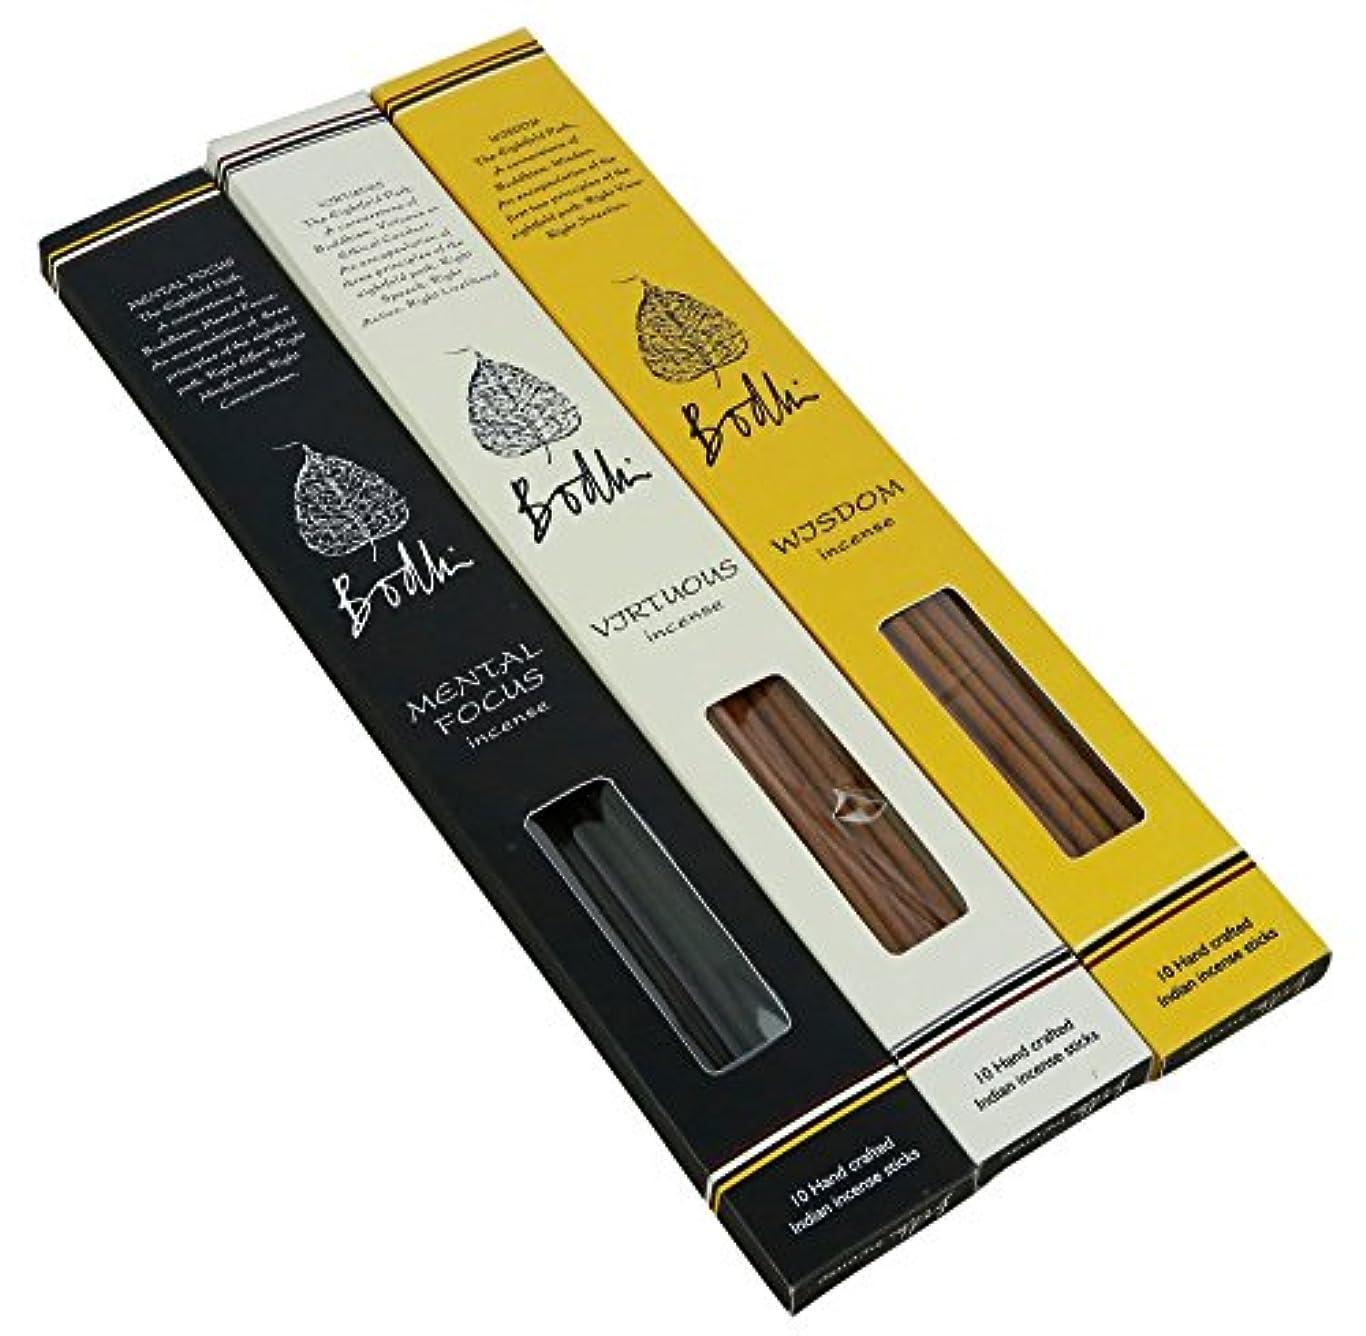 ペナルティチェリー凝視Bodhi Buddhist Incense Sticks forホームTemple – Virtuous、知恵とMentalフォーカスFragrances、手作り合計30 Sticks